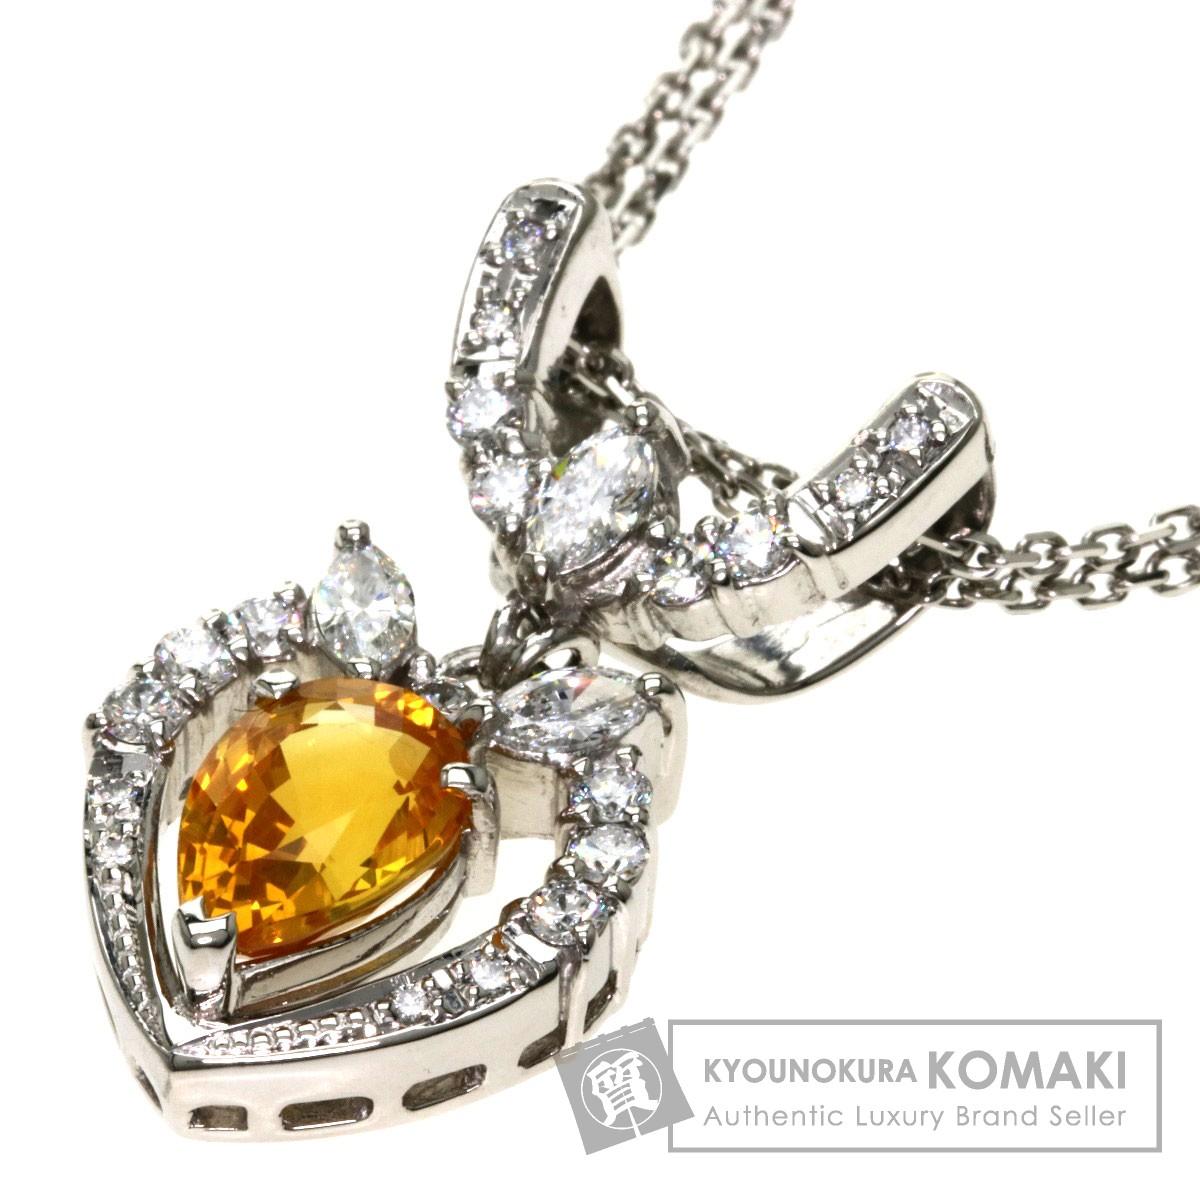 3.011ct ゴールデンサファイア/ダイヤモンド ネックレス プラチナPT900/PT850 16.1g レディース 【中古】